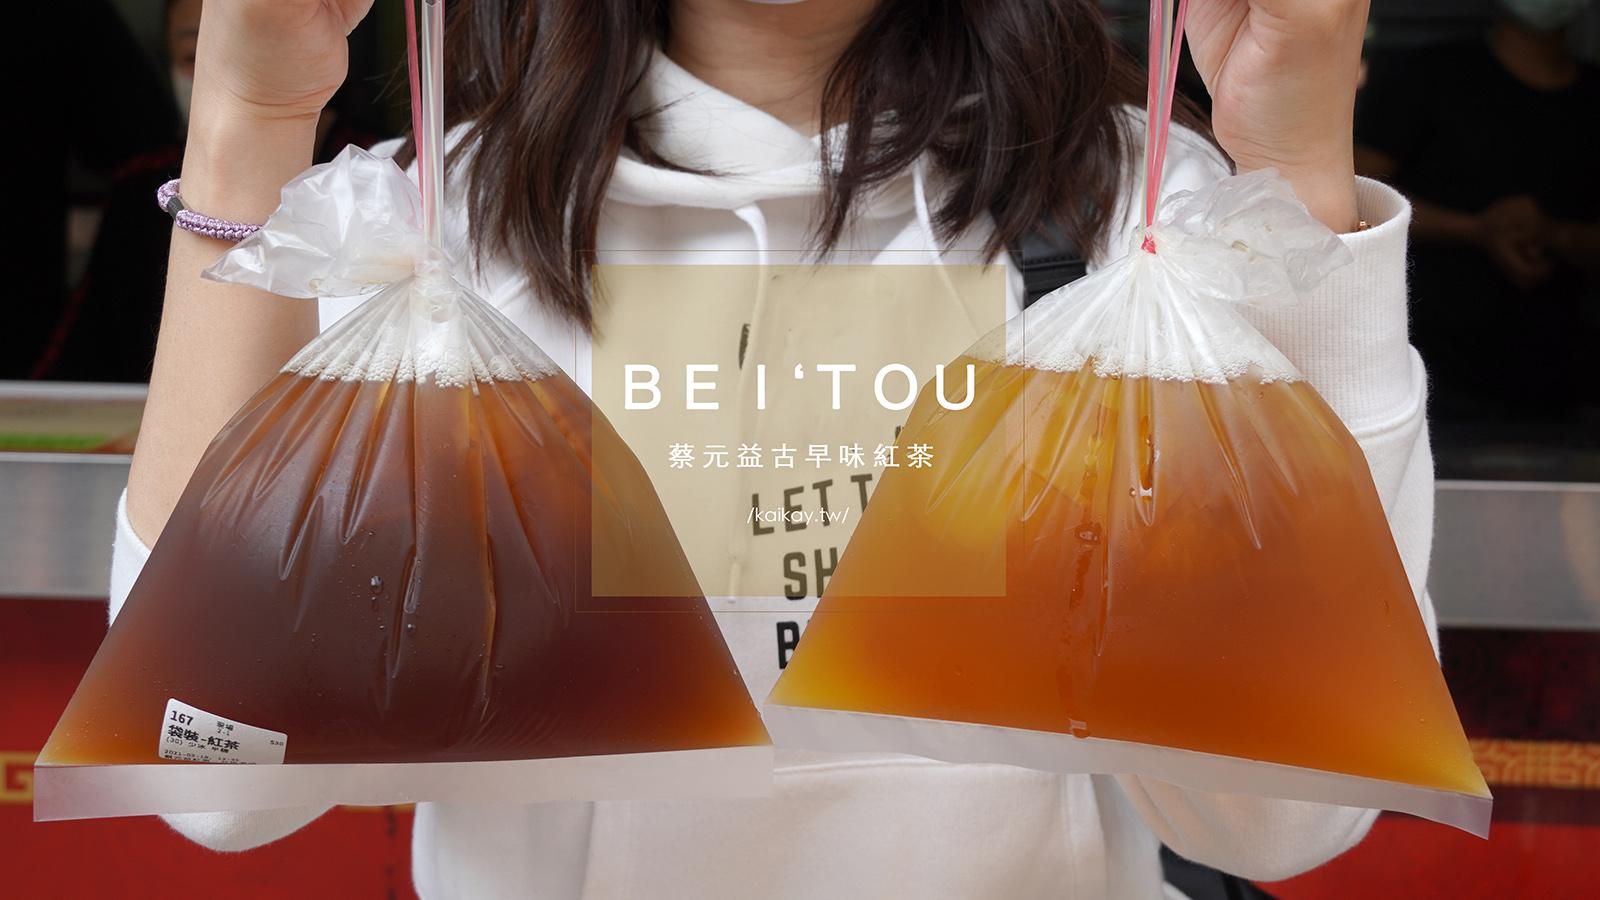 即時熱門文章:☆【台北|北投】蔡元益紅茶。菜單上沒有的隱藏三合一最好喝